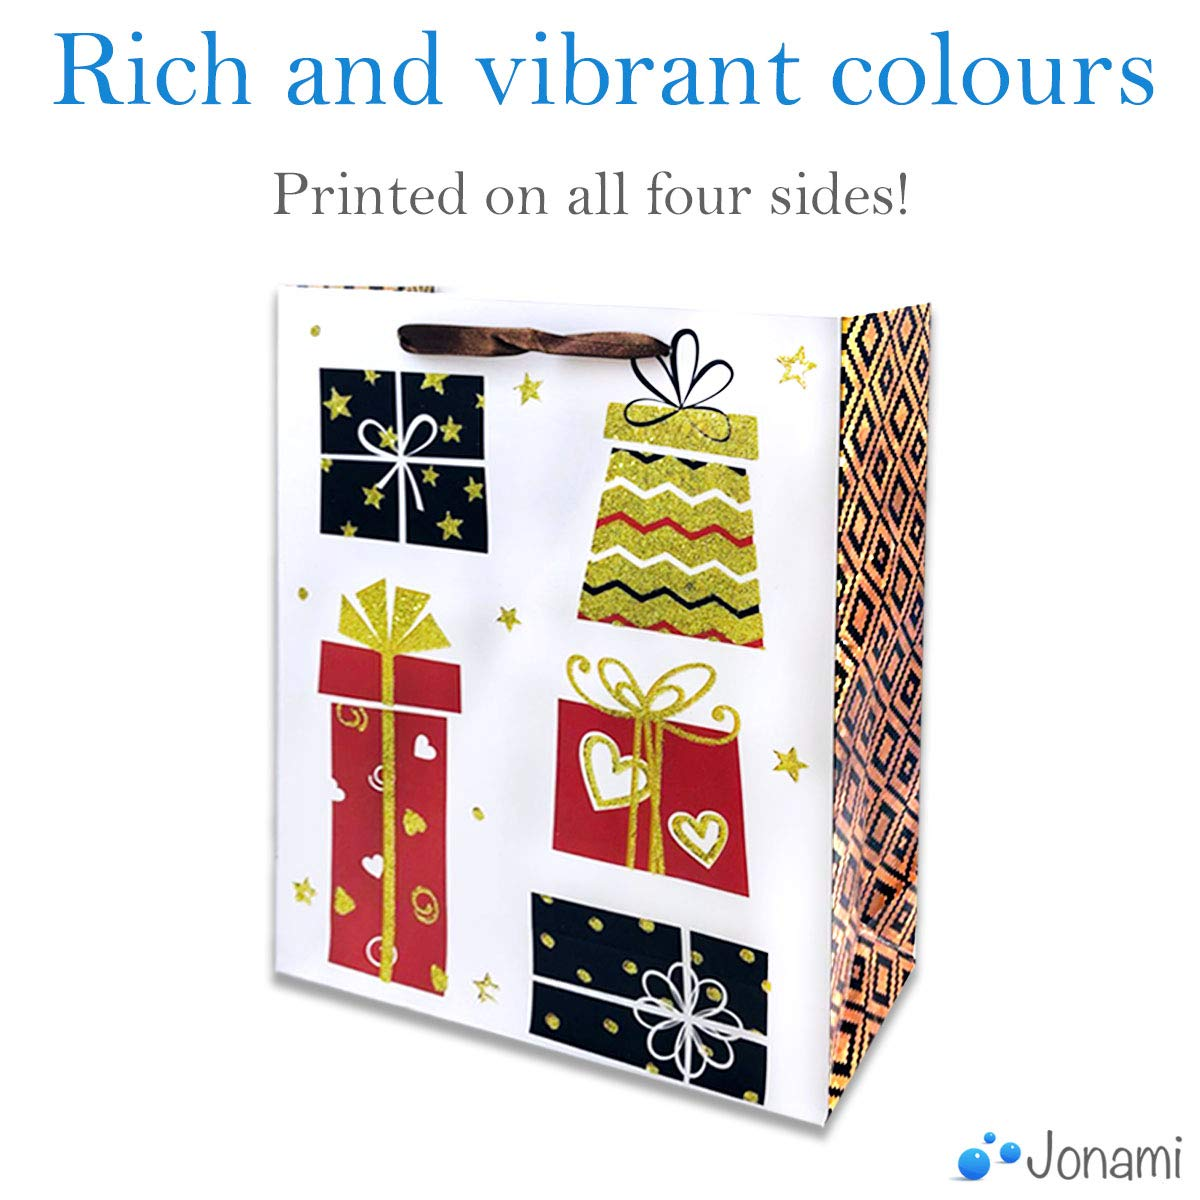 Buste Regalo per Natale Taglia Large Borse e Scatole di Carta per Doni di Natale o Carta Regalo 8 Pezzi Sacchetti Regalo in 4 Design Natalizi 32x26x10cm